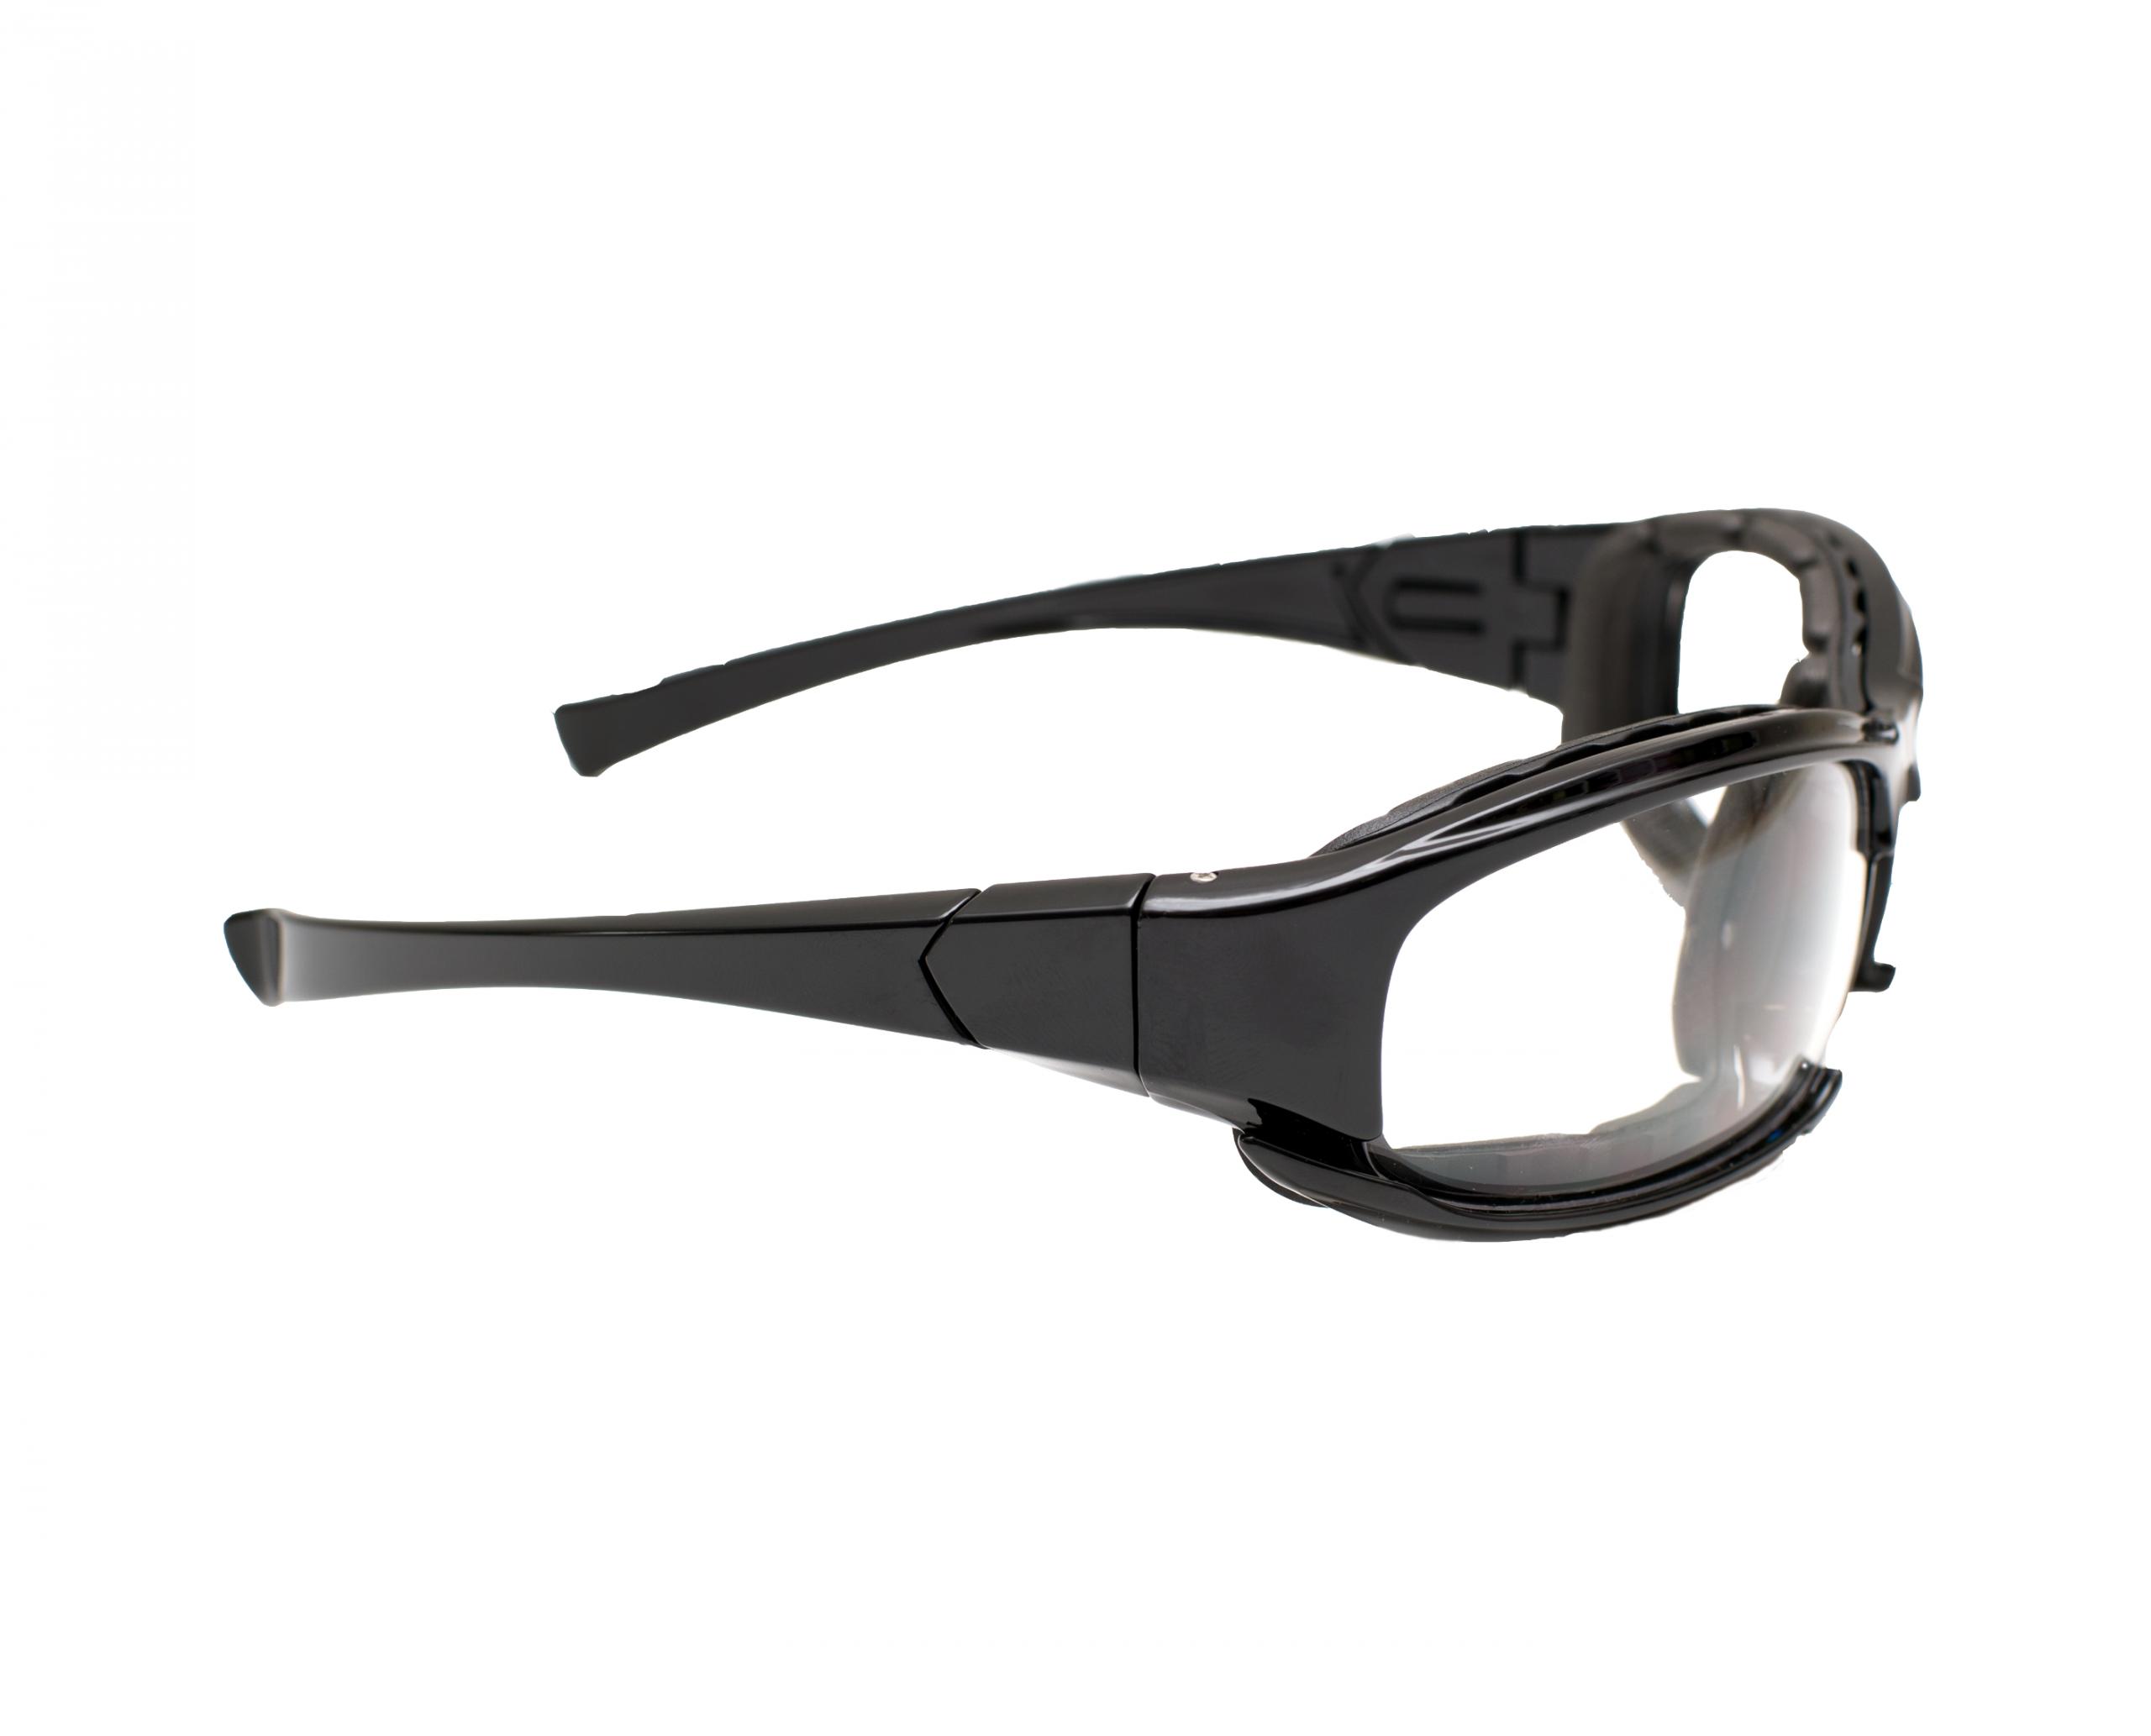 Gafas de seguridad contra impactos